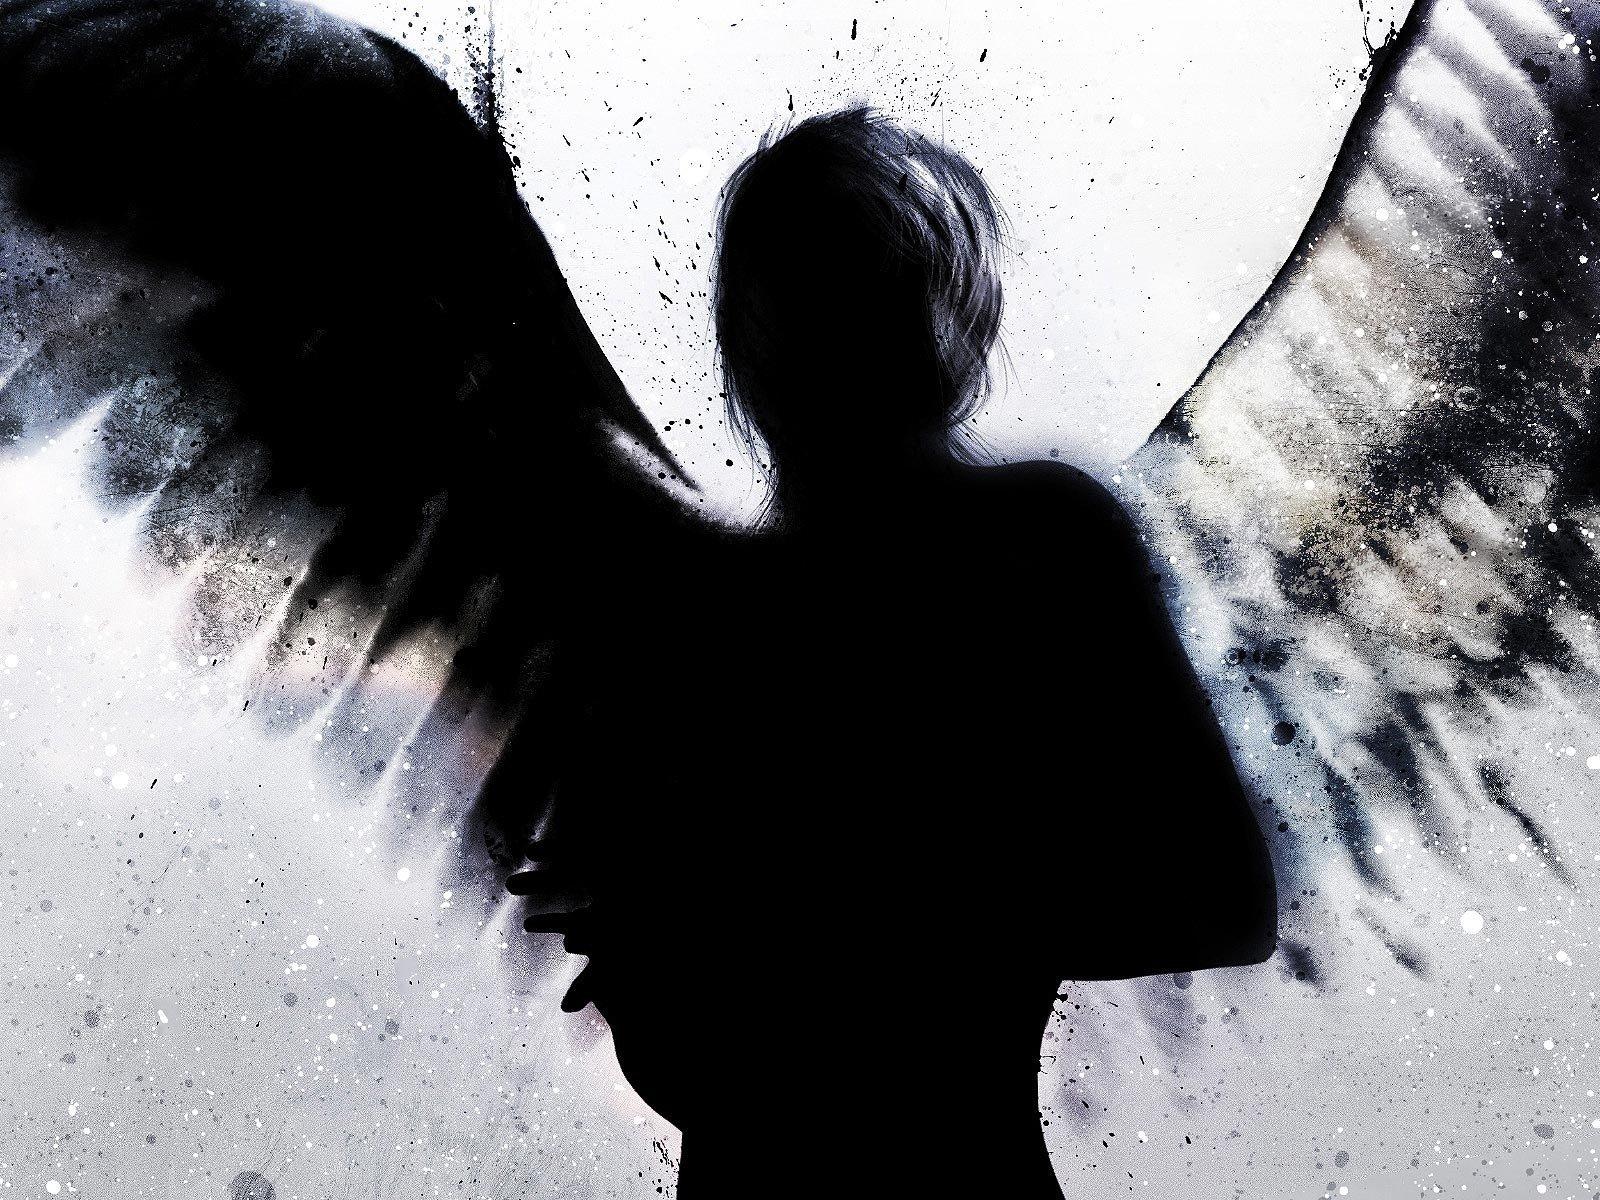 Картинки ангелов с крыльями с надписями